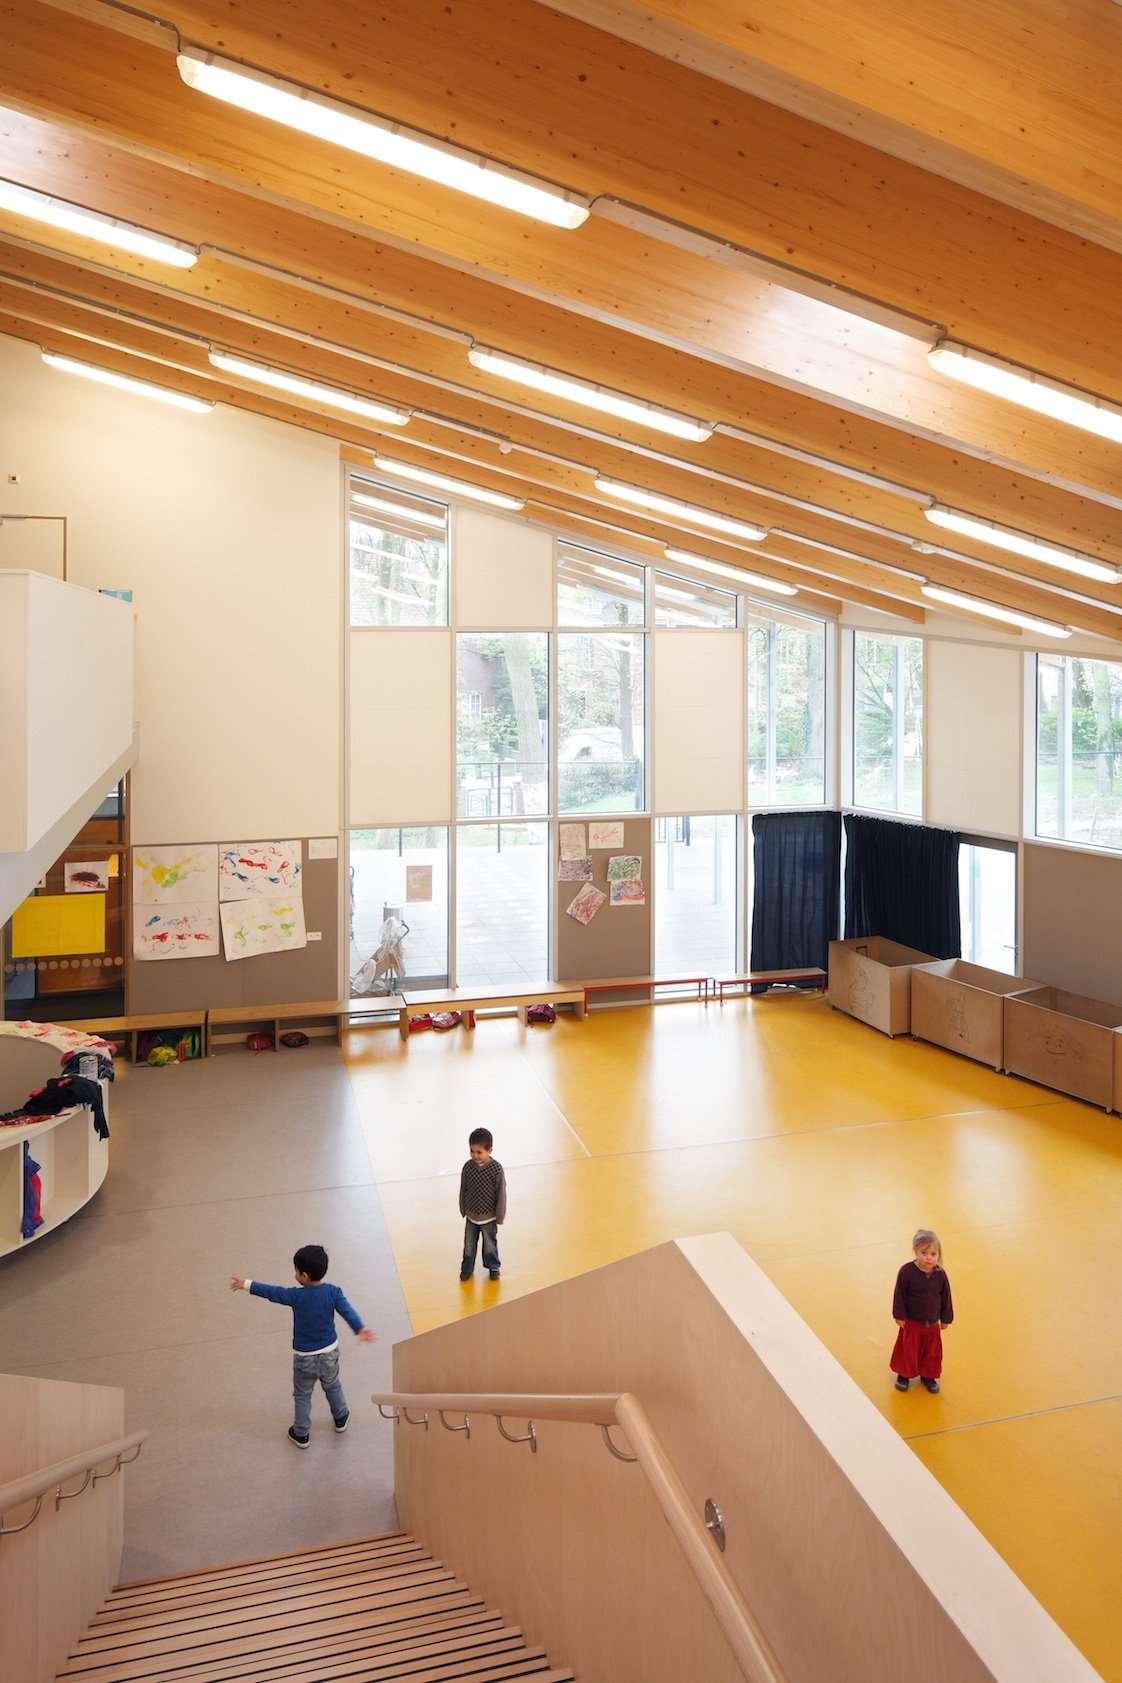 kleuterschool etterbeek <span>2008, etterbeek, school</span>